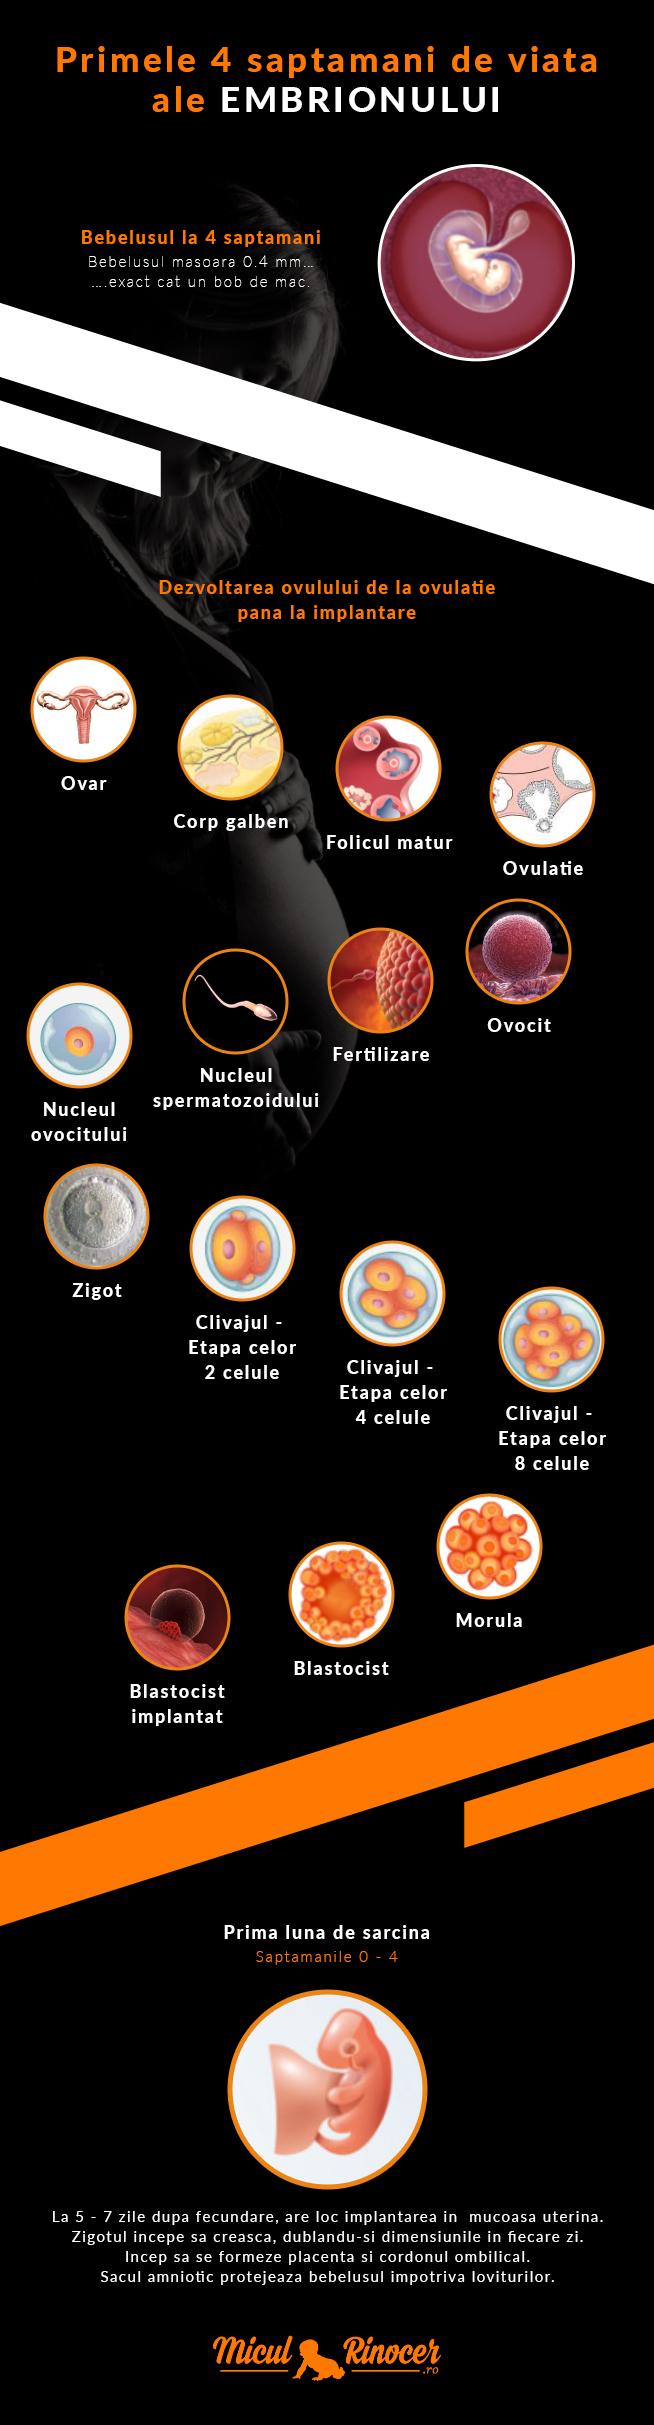 Infografic ce arata evolutia embrionului in primele 4 saptamani de viata